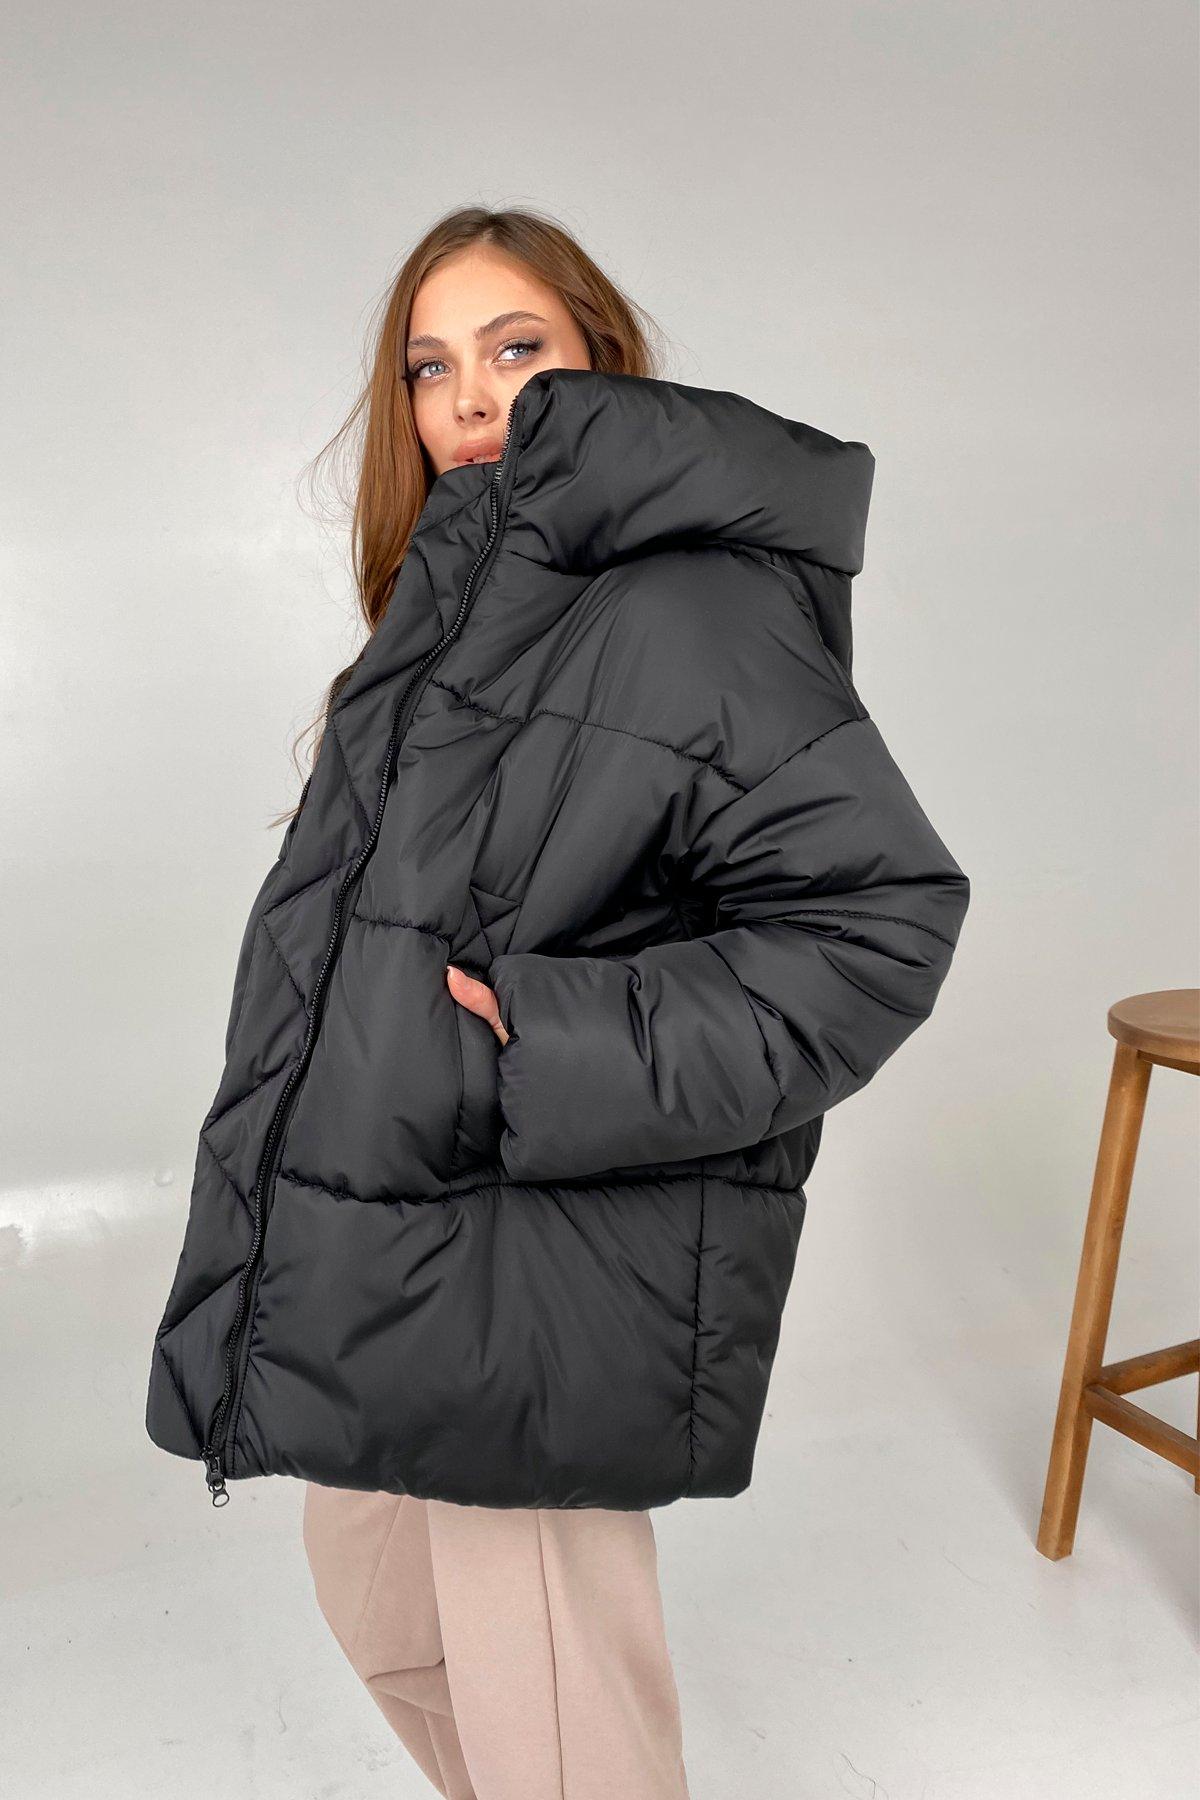 Овертайм  теплый пуховик из плащевой ткани 10243 АРТ. 46533 Цвет: Черный - фото 4, интернет магазин tm-modus.ru